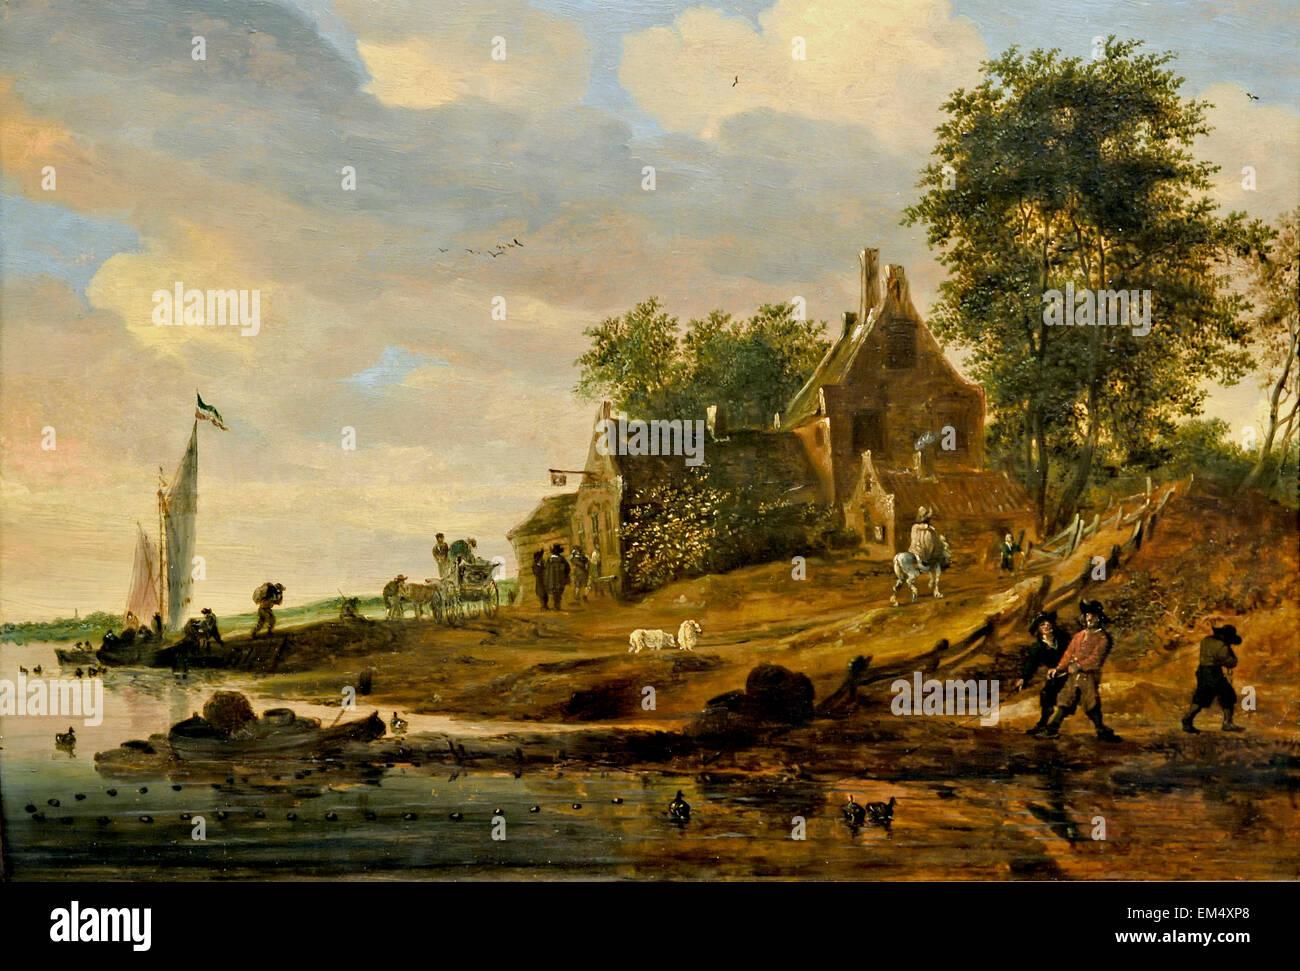 Inn on the Banks 1667 Salomon Jacobsz. van Ruysdael 1600-1670 Dutch Netherlands Stock Photo